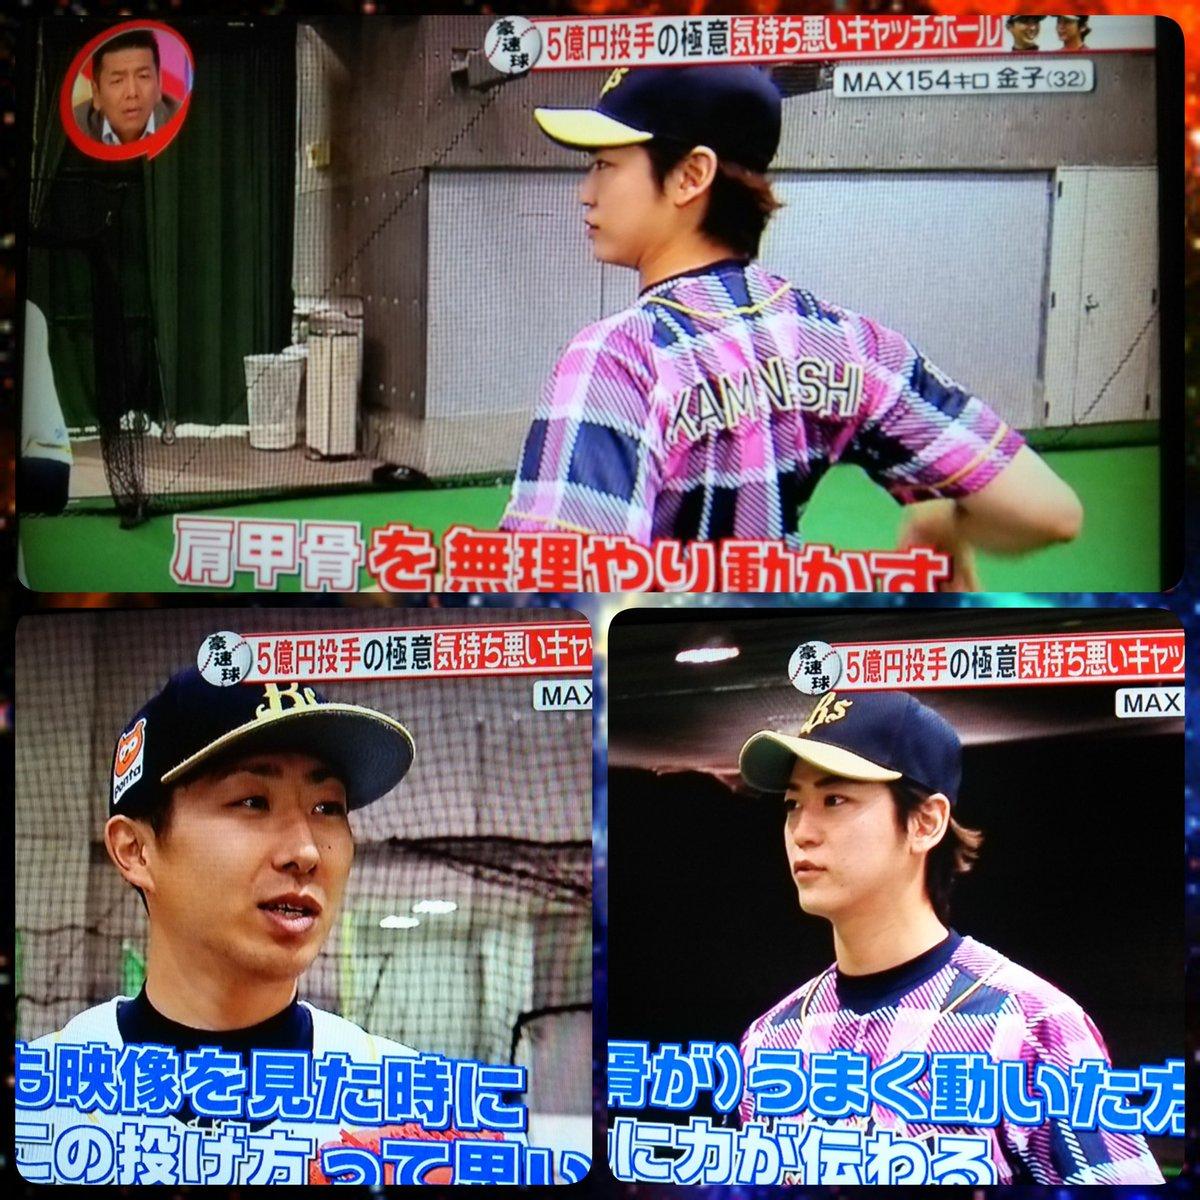 【画像】KAT-TUN亀梨和也の『オリ姫ユニ』にオリックス&ジャニーズファン衝撃